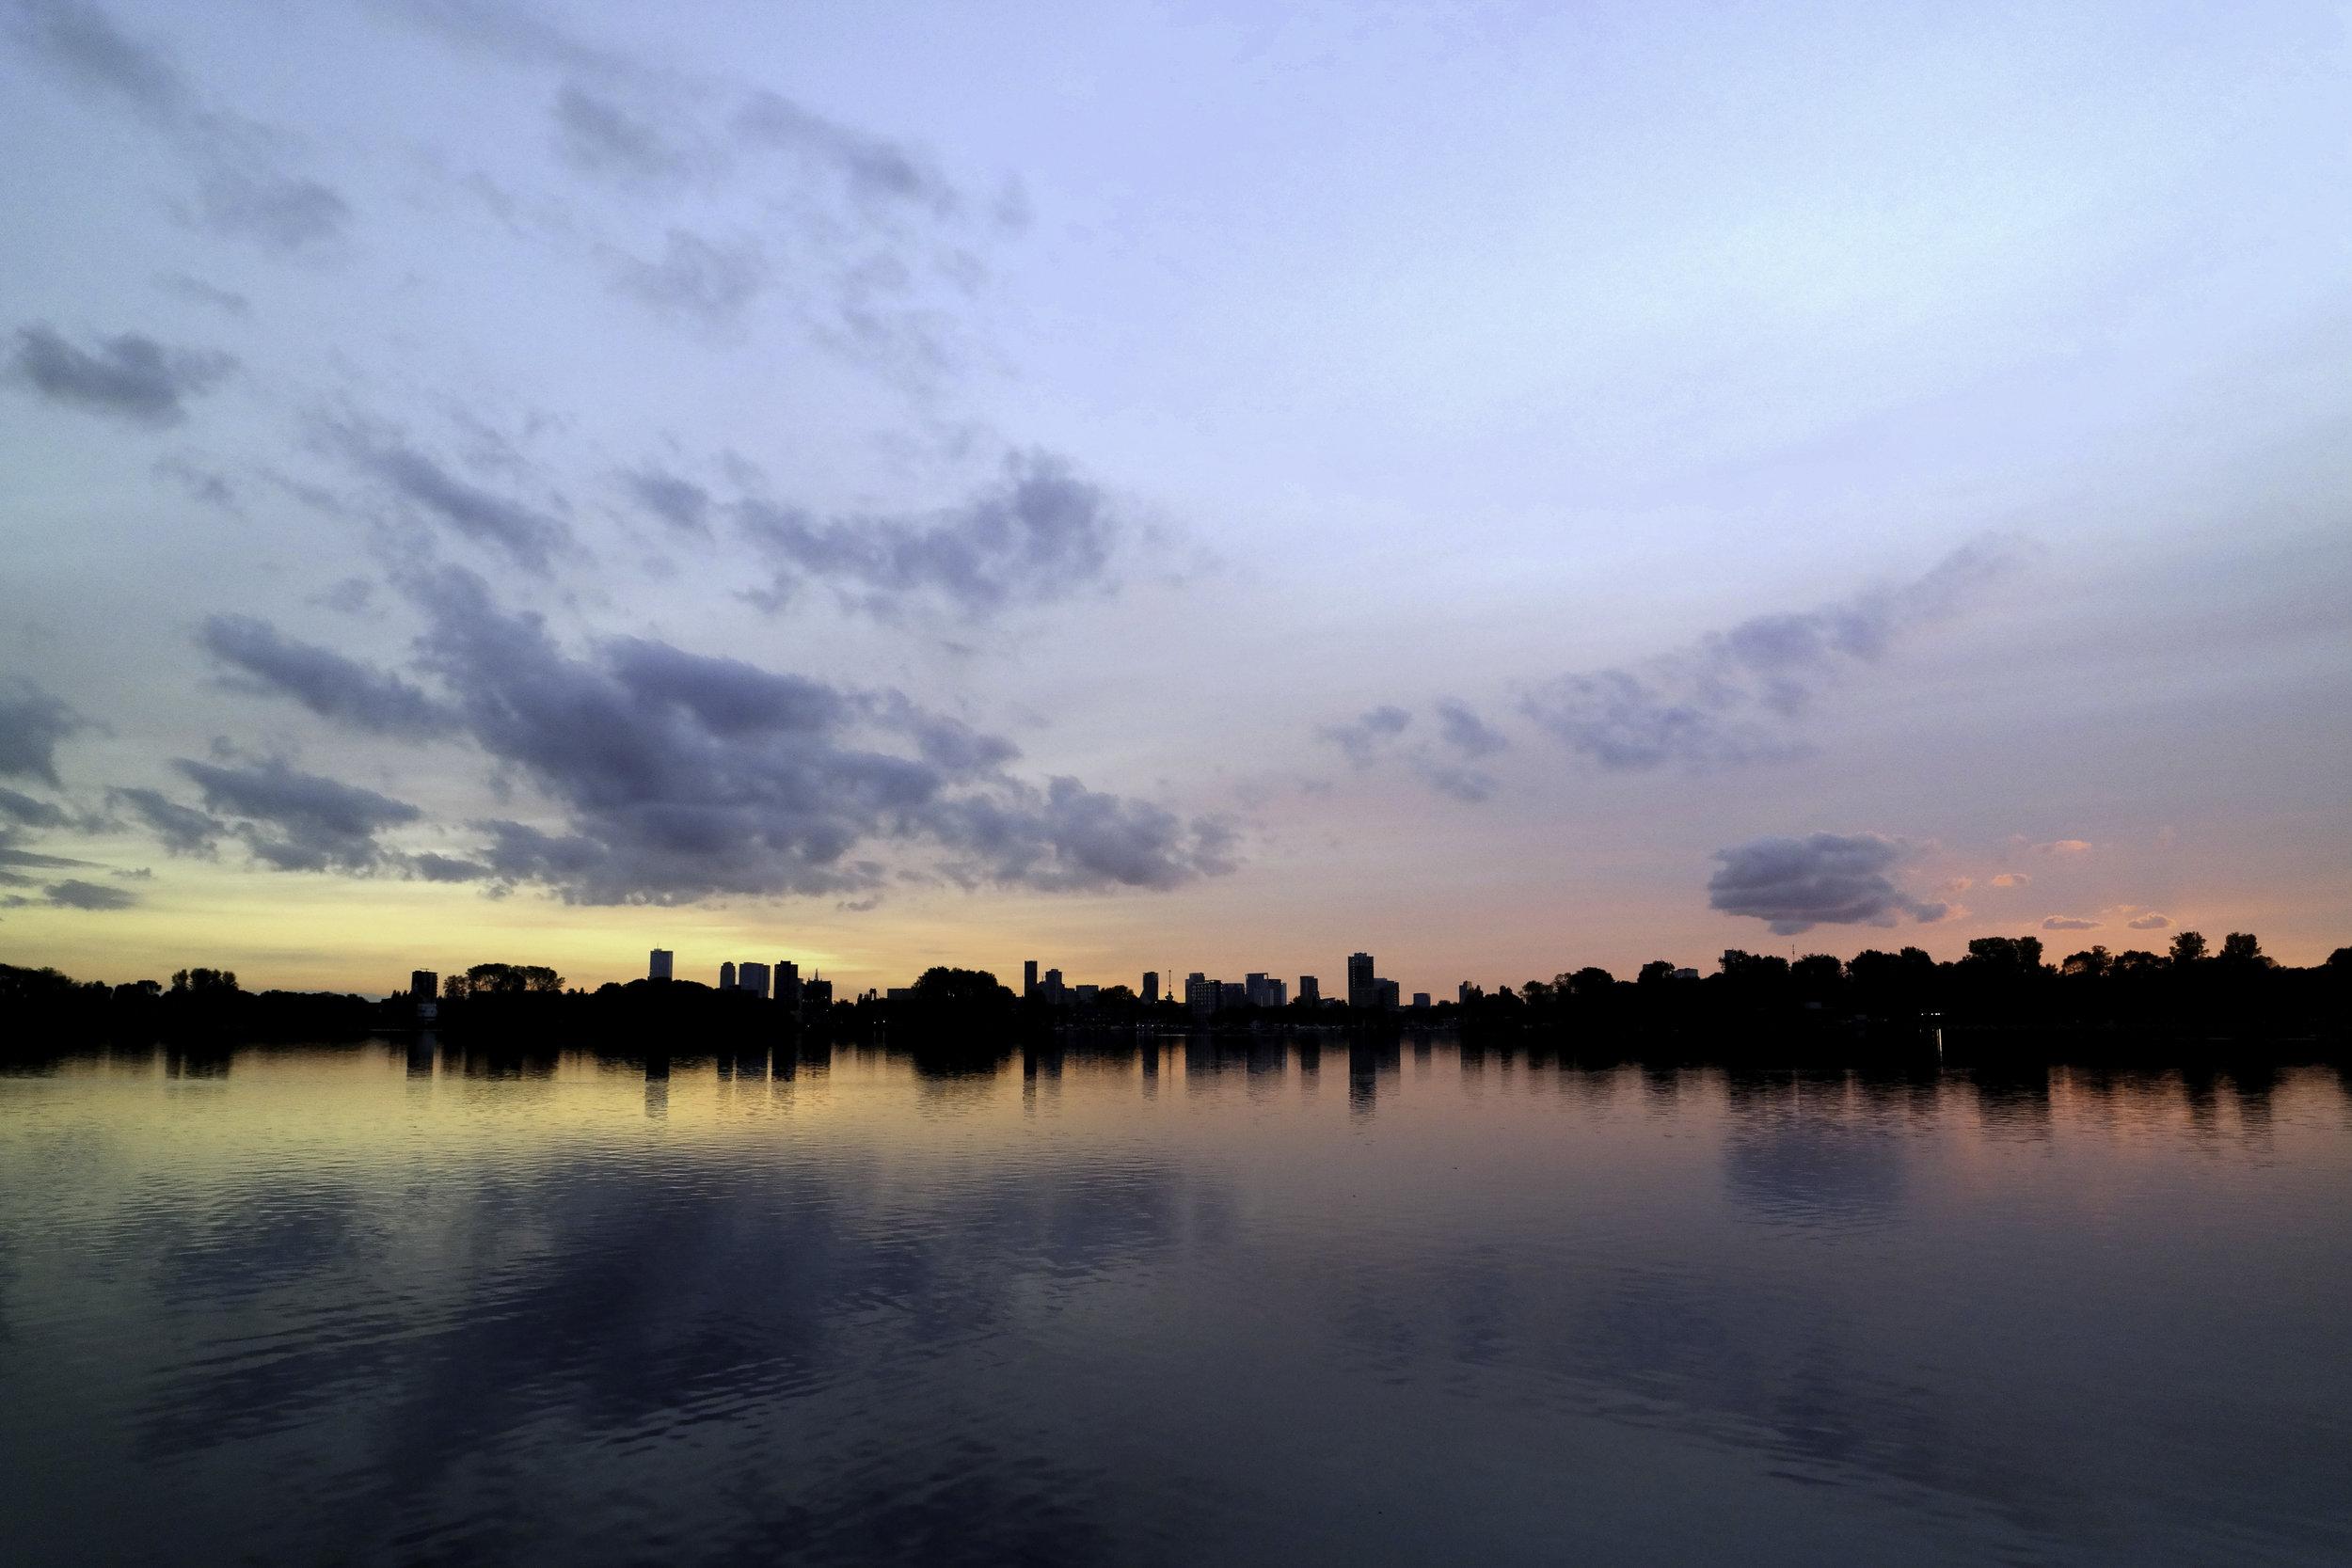 Rotterdam-at-sunset-Kralingse-Plas-serene-symmetry.jpg